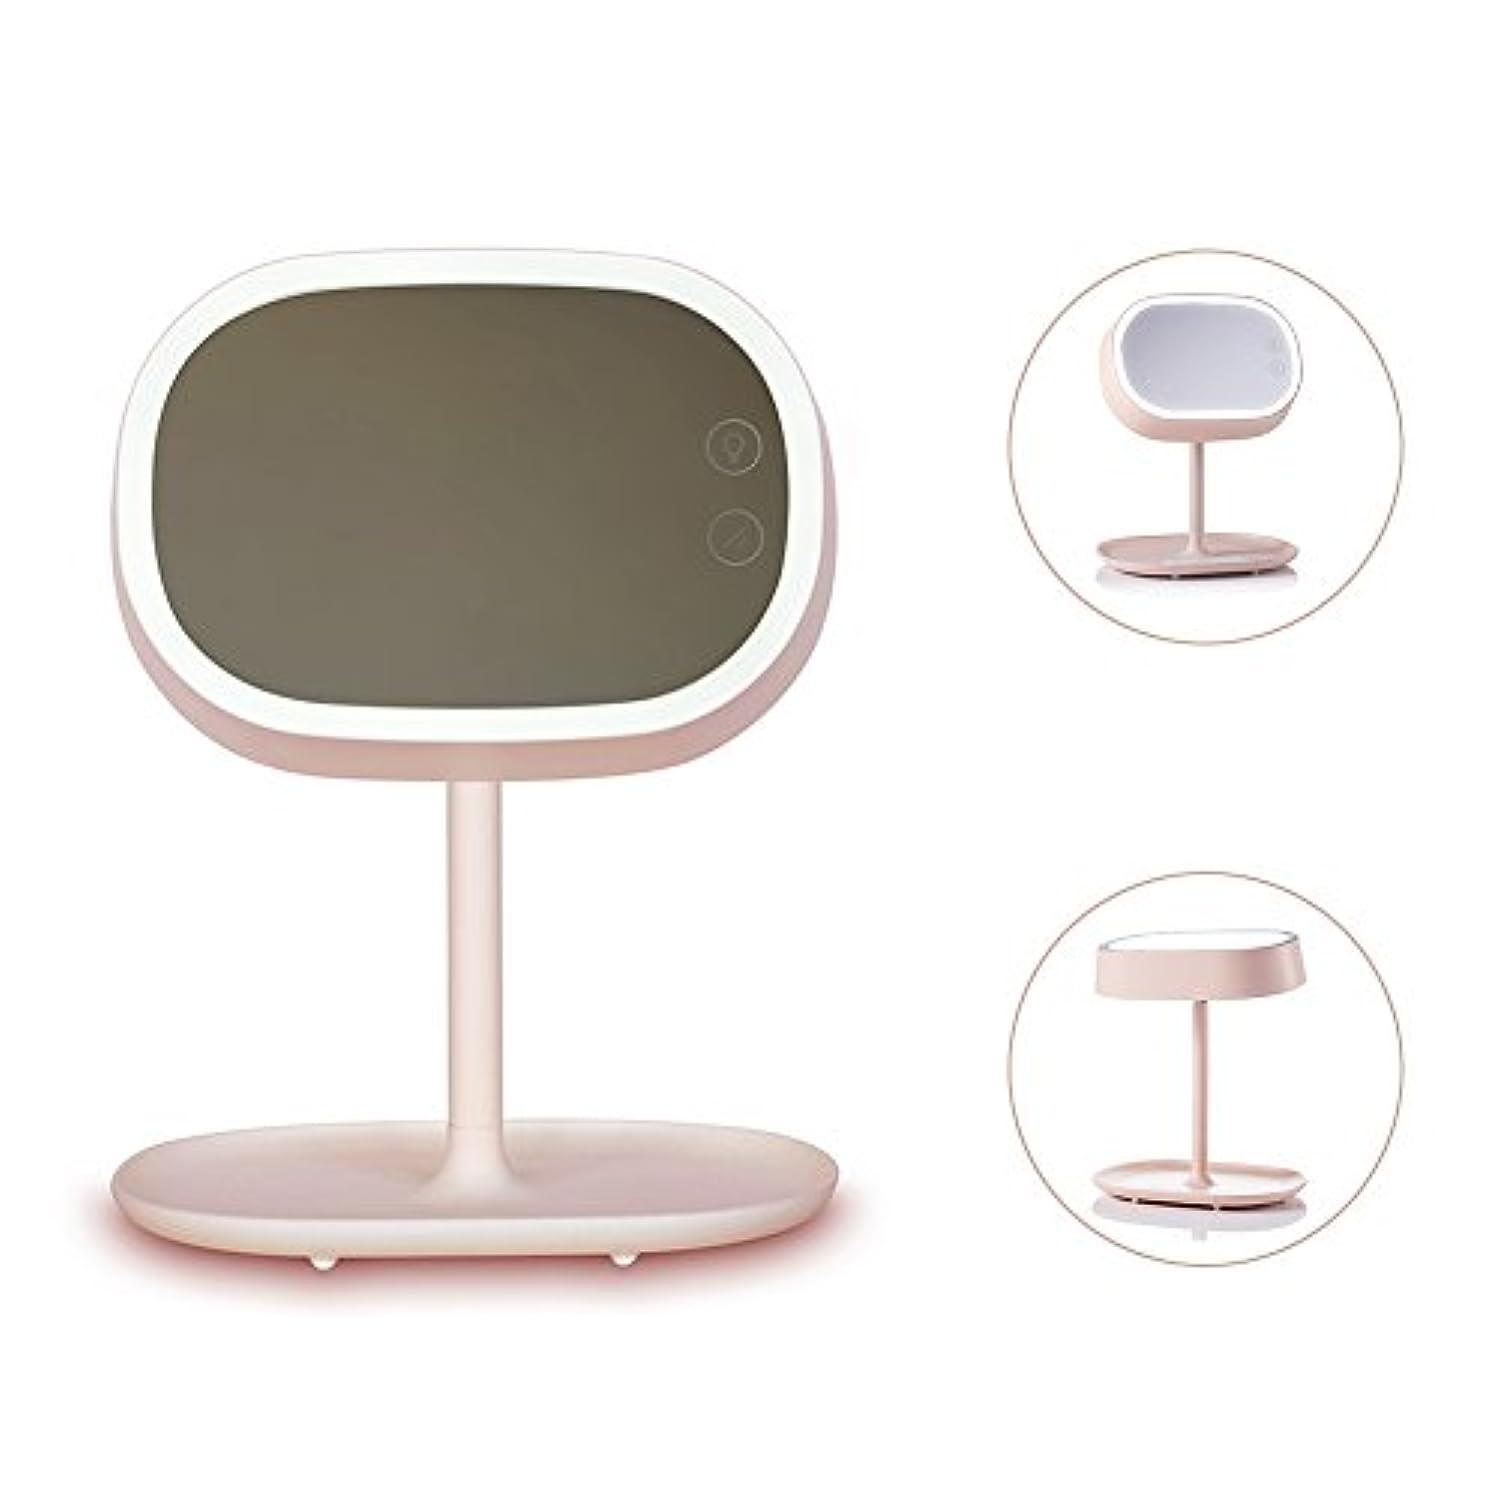 Ichic 卓上LED化粧鏡 メイクミラー ベッドサイドランプ 180度回転 明るさ調節可能 USB充電